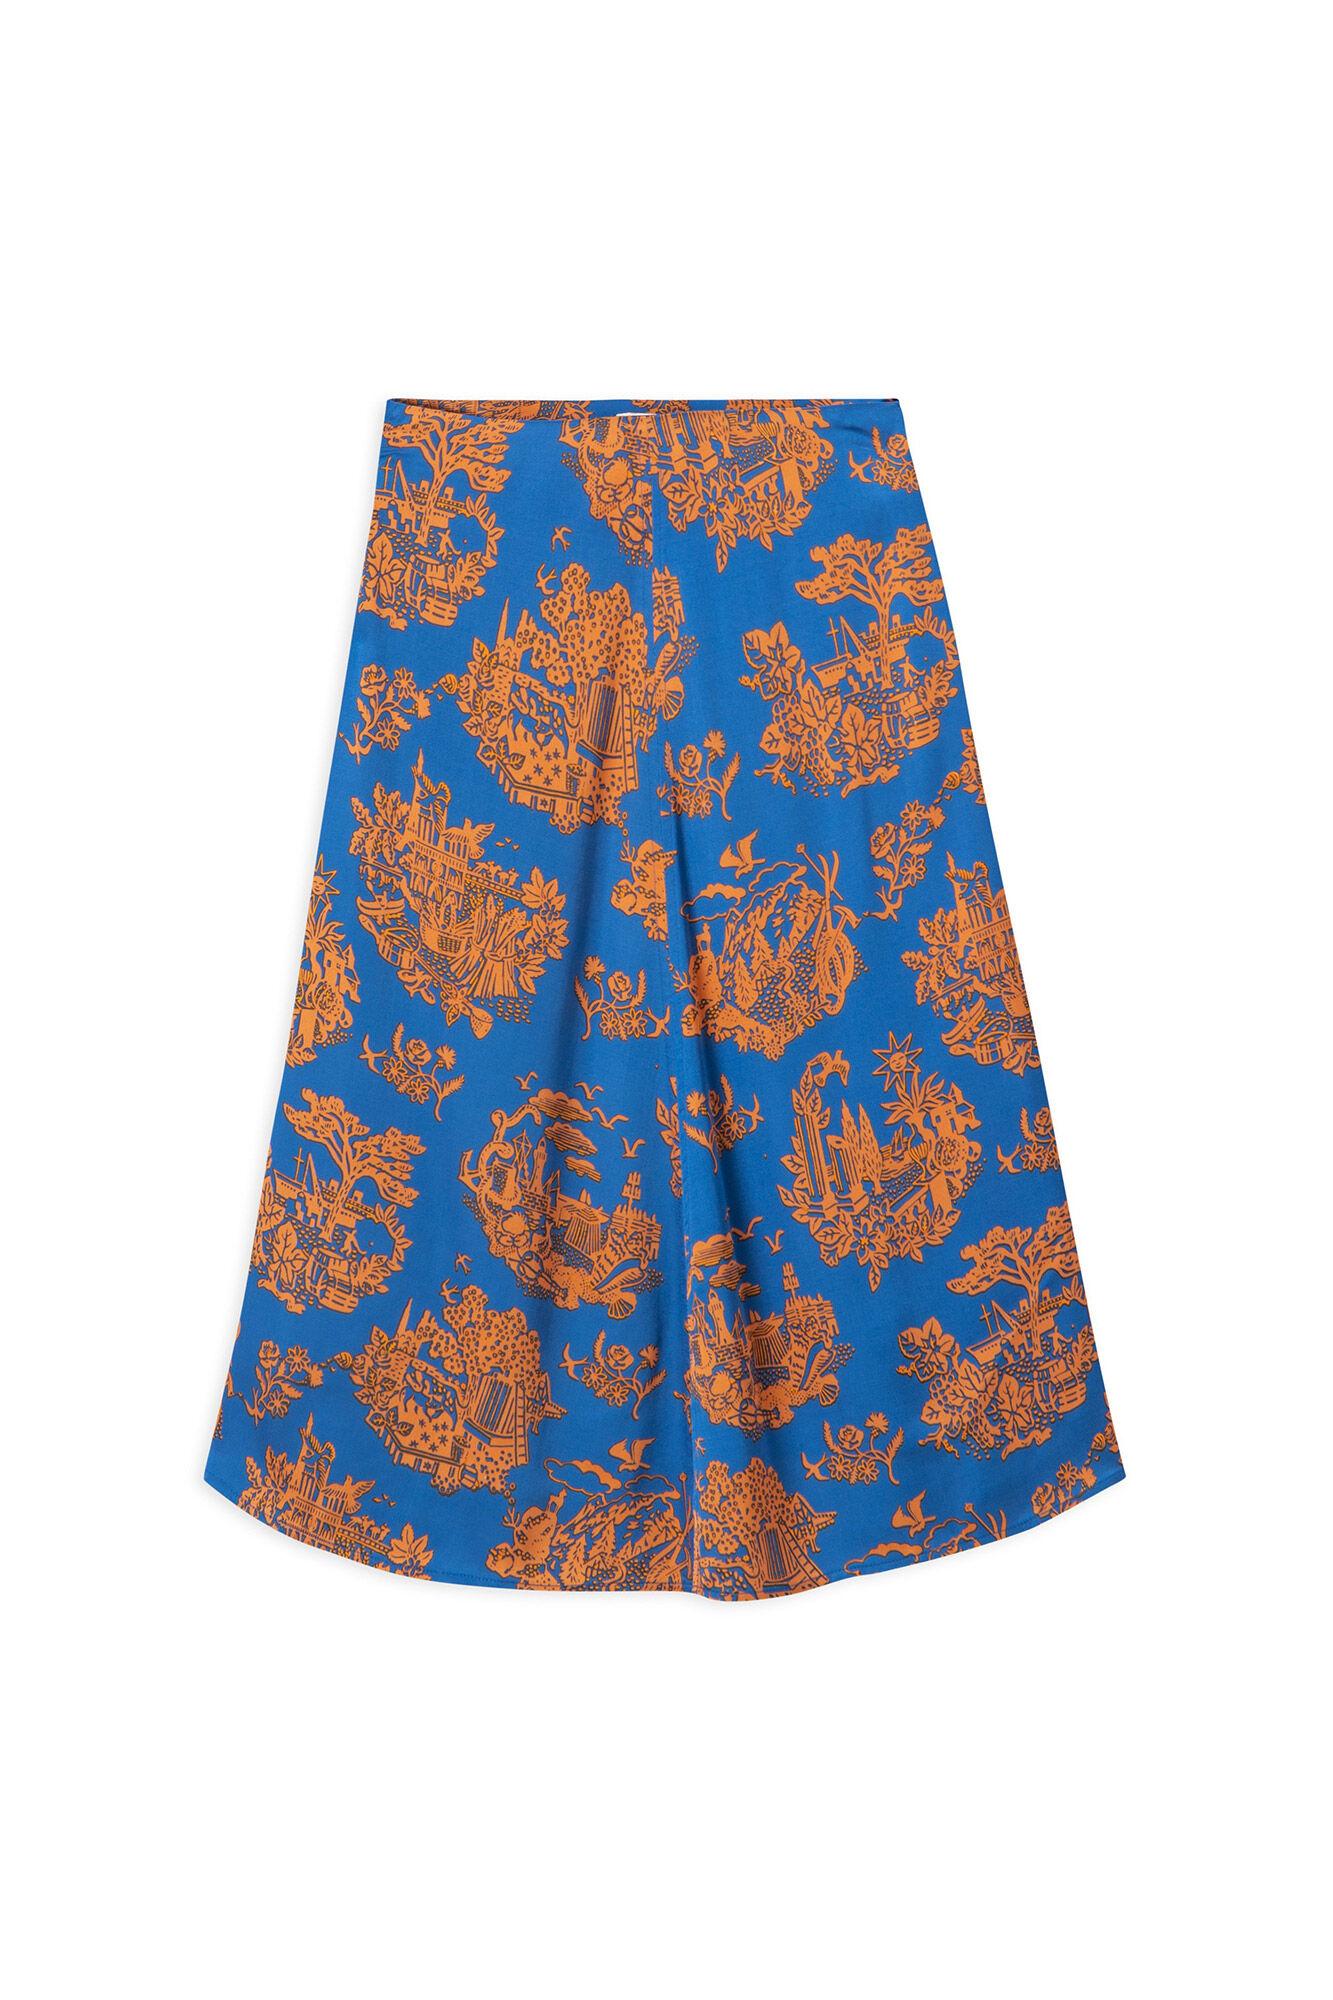 Rosemary skirt 11911907-1154, TOURIST BLUE